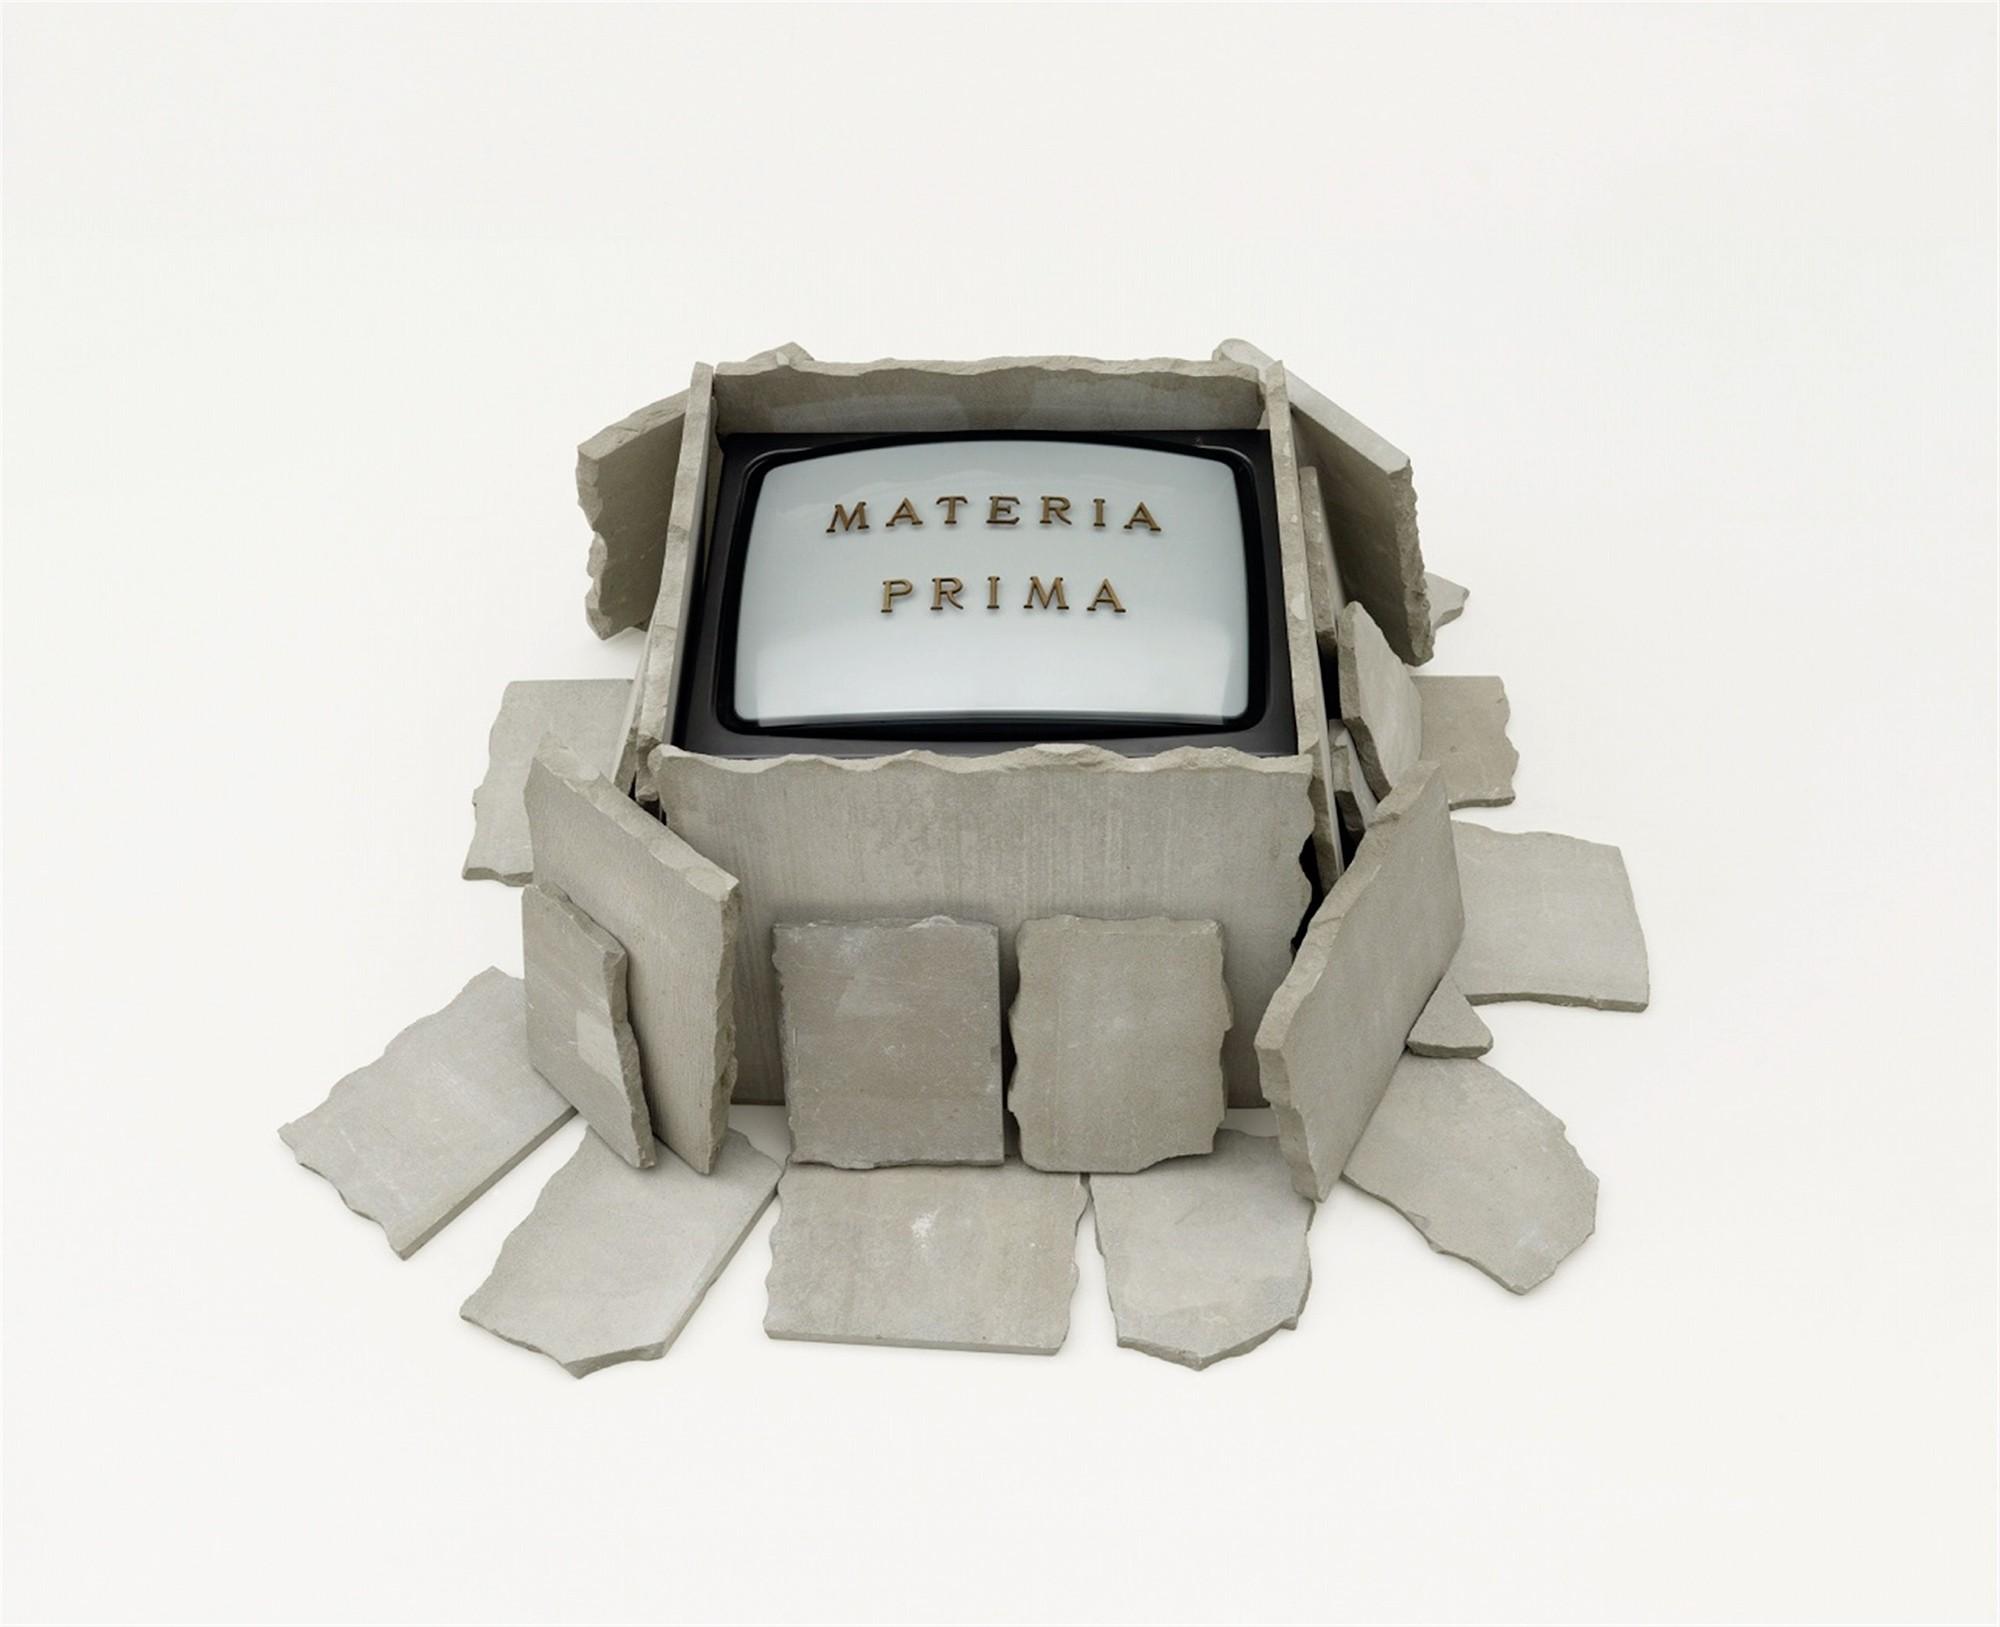 Fabrizio Plessi - Materia Prima